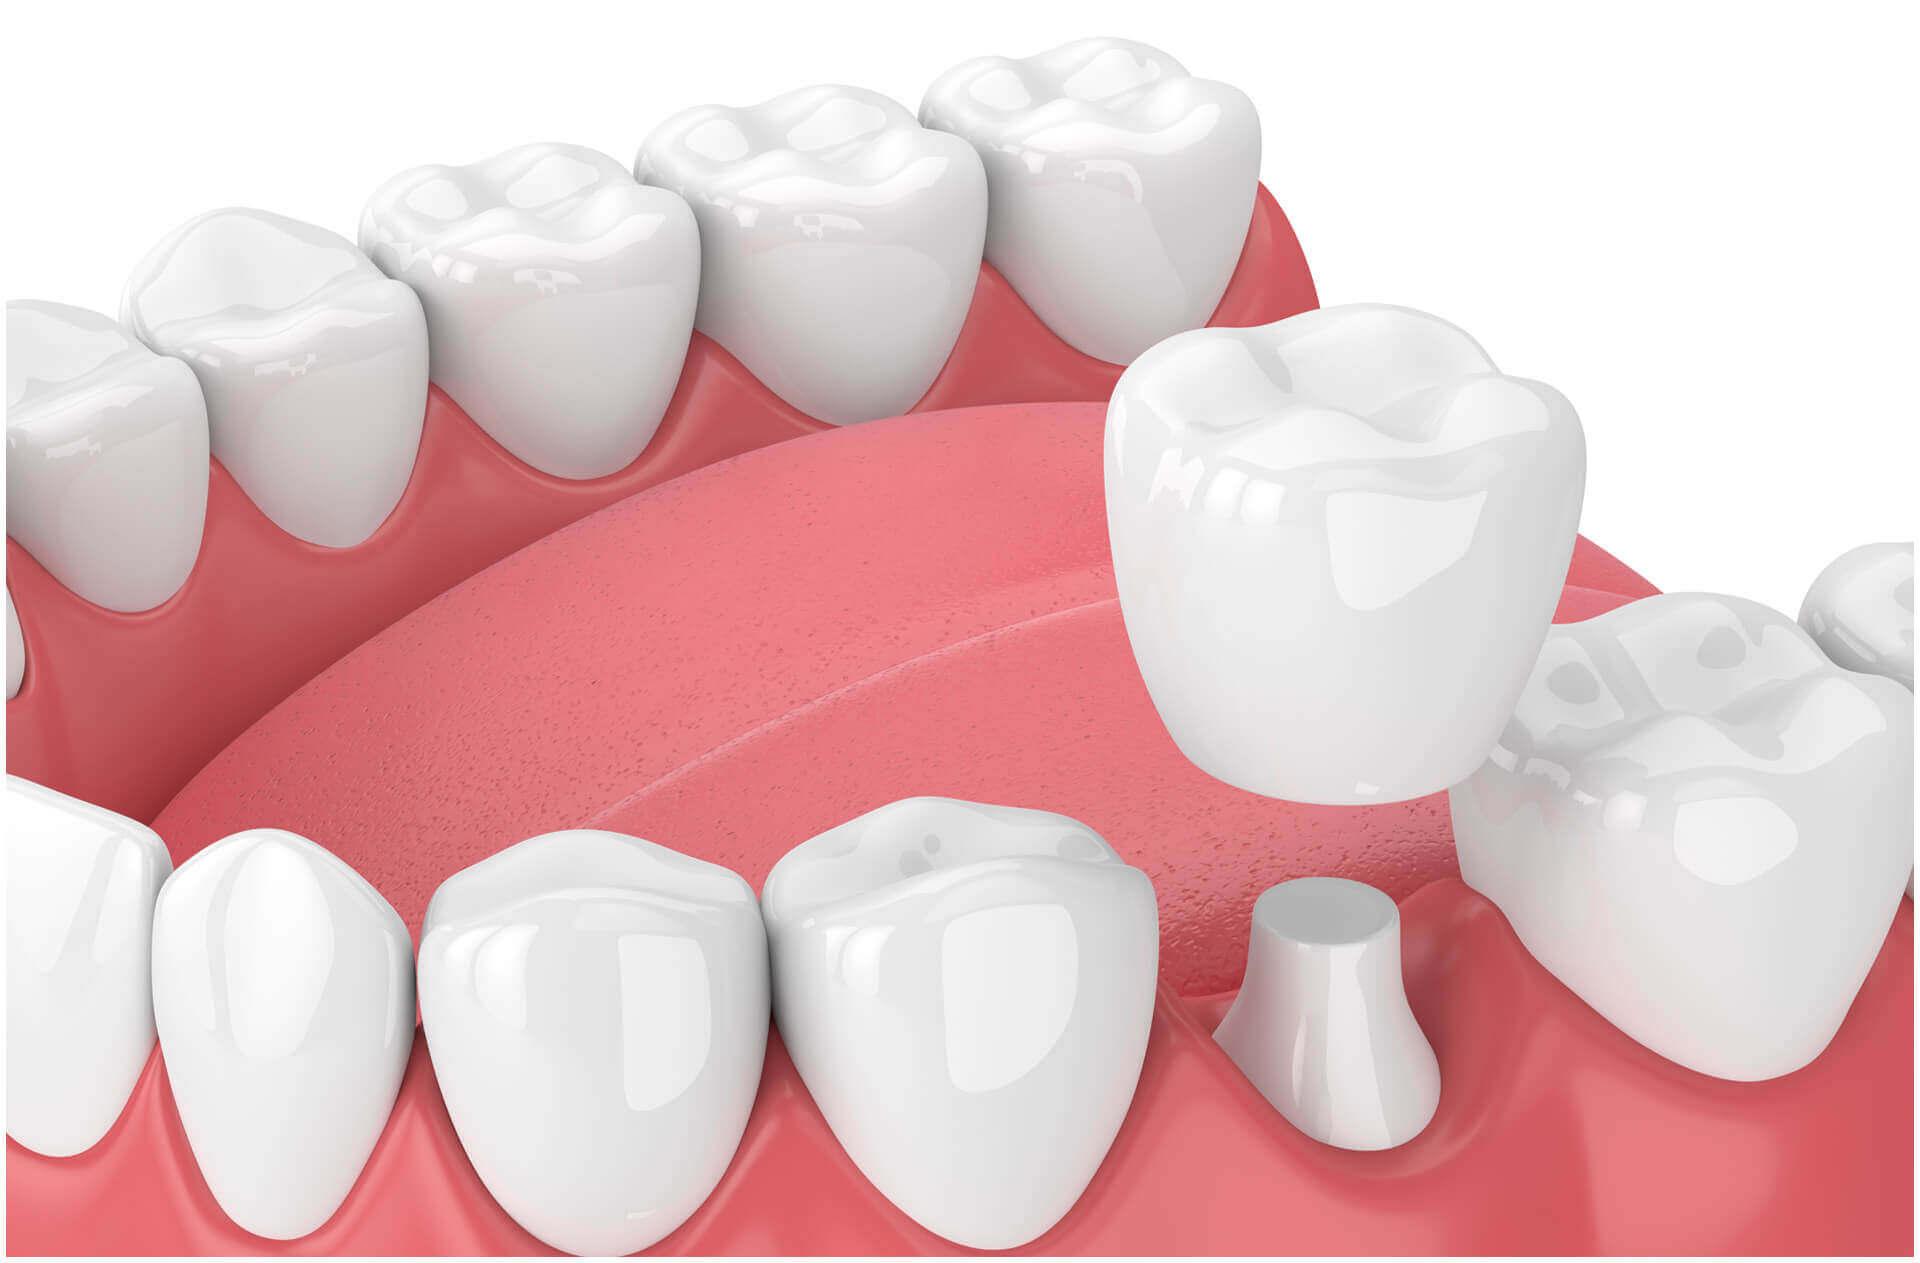 Hogy néz ki a fogászati korona?